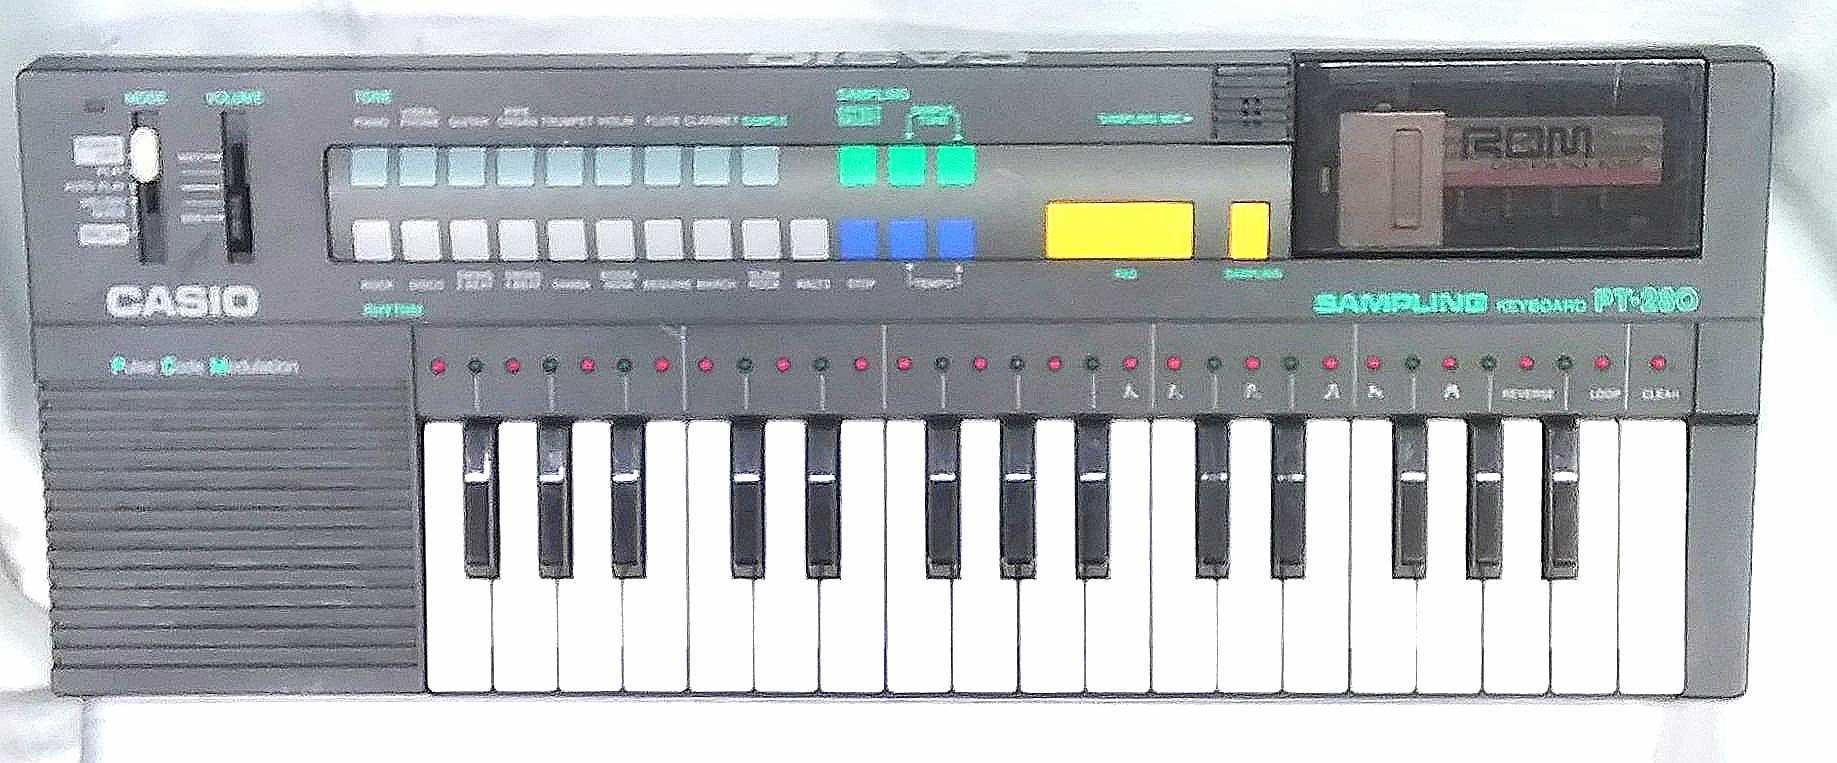 サンプリングキーボード PT-280|CASIO